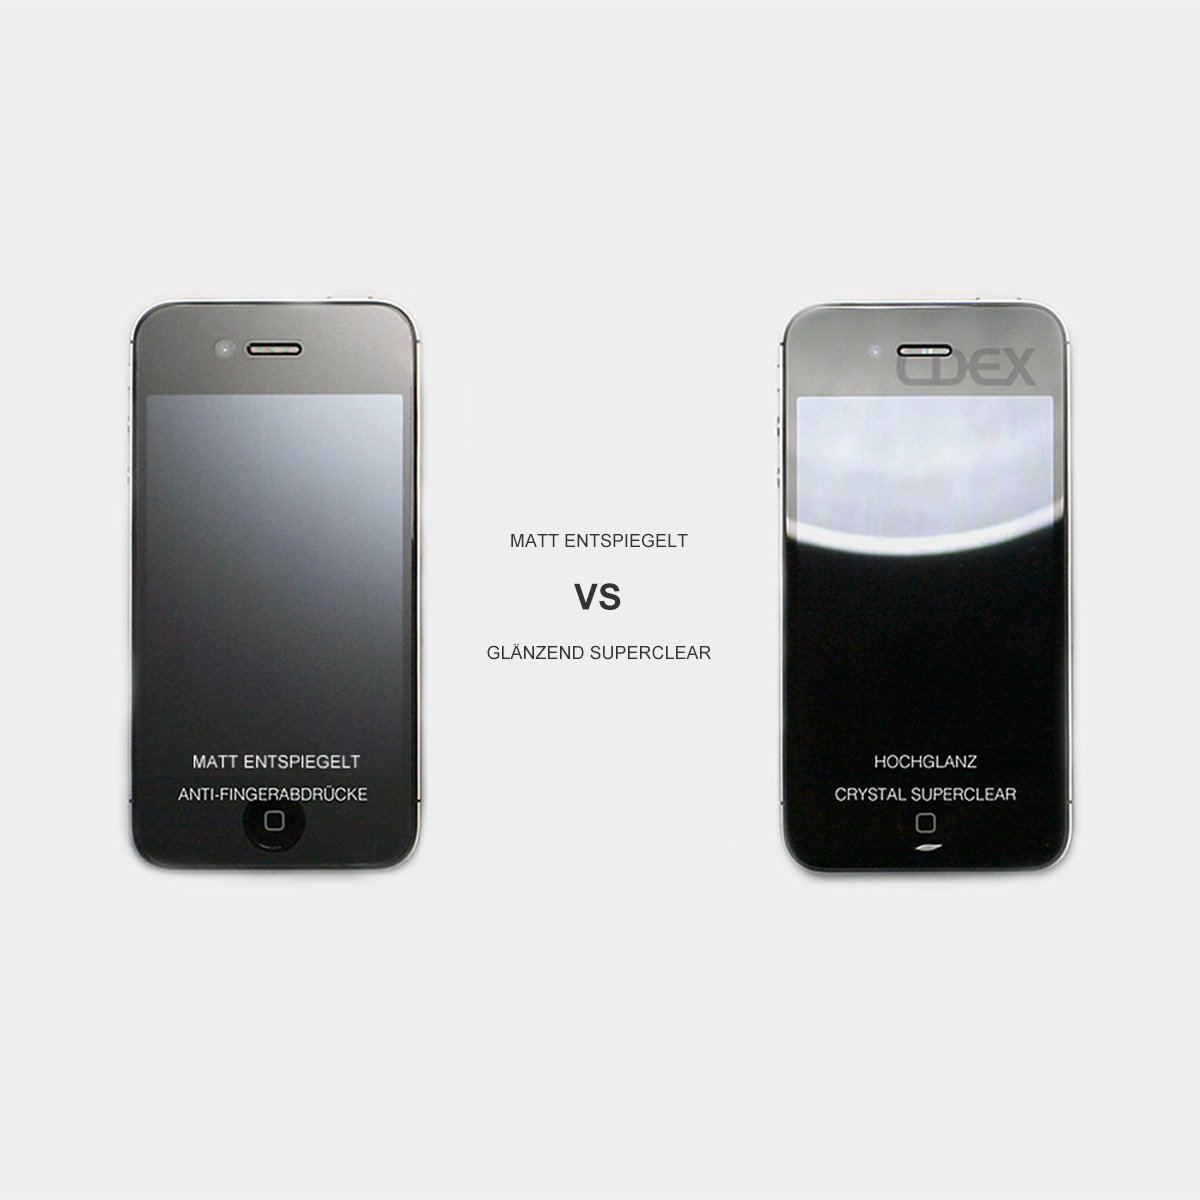 UltraThin Crystal Super Clear Lustroso Brillante Display Protector doupi Pantalla Pel/ícula Protectora para Lenovo IdeaPad S6000L 10,1 Pulgadas 1x en el paquete